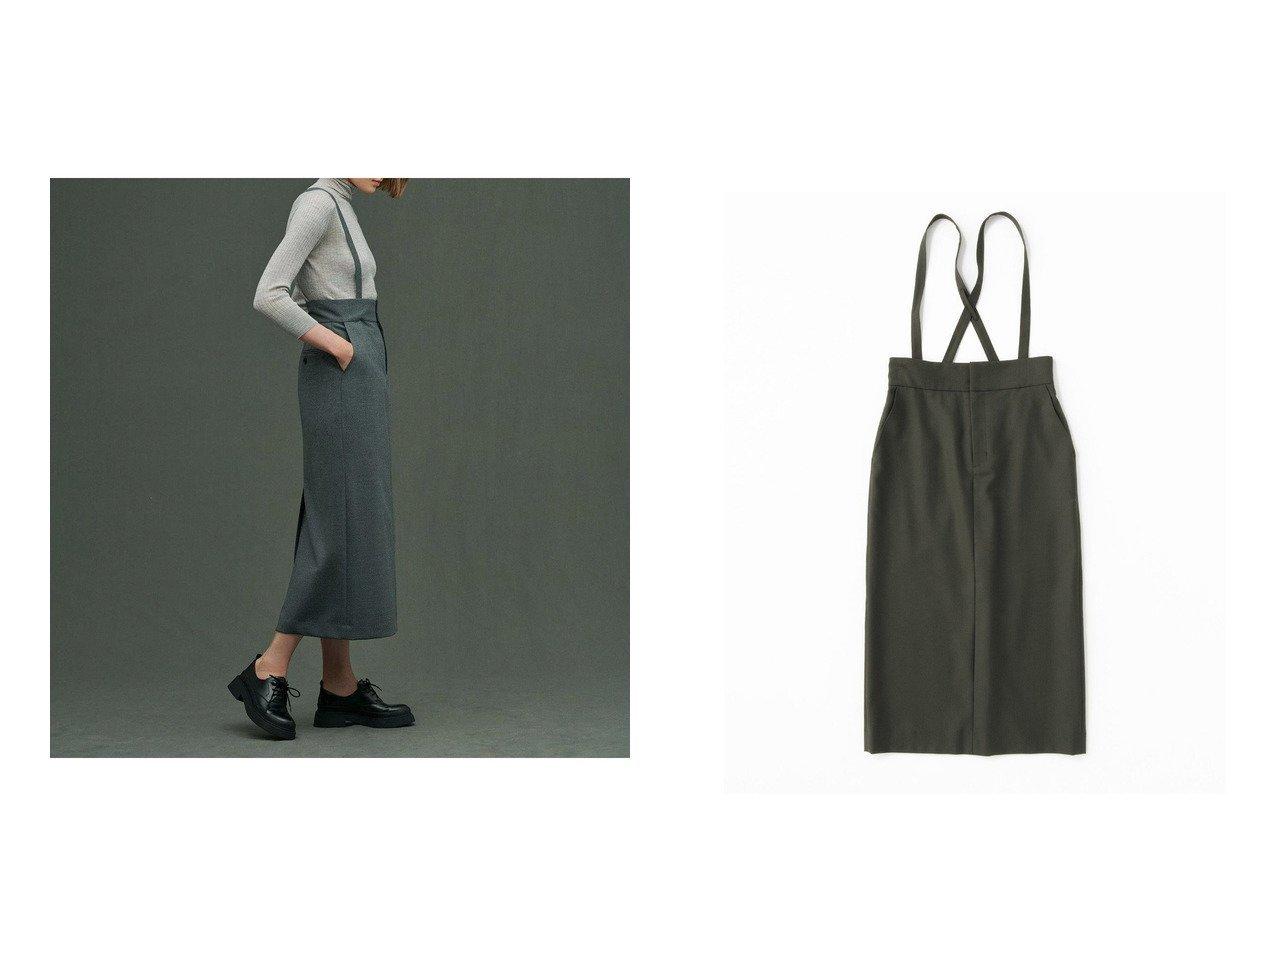 【uncrave/アンクレイヴ】のカレンダードツイル サスペンダー スカート 【スカート】おすすめ!人気、トレンド・レディースファッションの通販 おすすめで人気の流行・トレンド、ファッションの通販商品 インテリア・家具・メンズファッション・キッズファッション・レディースファッション・服の通販 founy(ファニー) https://founy.com/ ファッション Fashion レディースファッション WOMEN スカート Skirt サスペンダー シューズ ストレッチ 雑誌 タイトスカート バランス フォーマル ペンシル 冬 Winter 送料無料 Free Shipping |ID:crp329100000070688